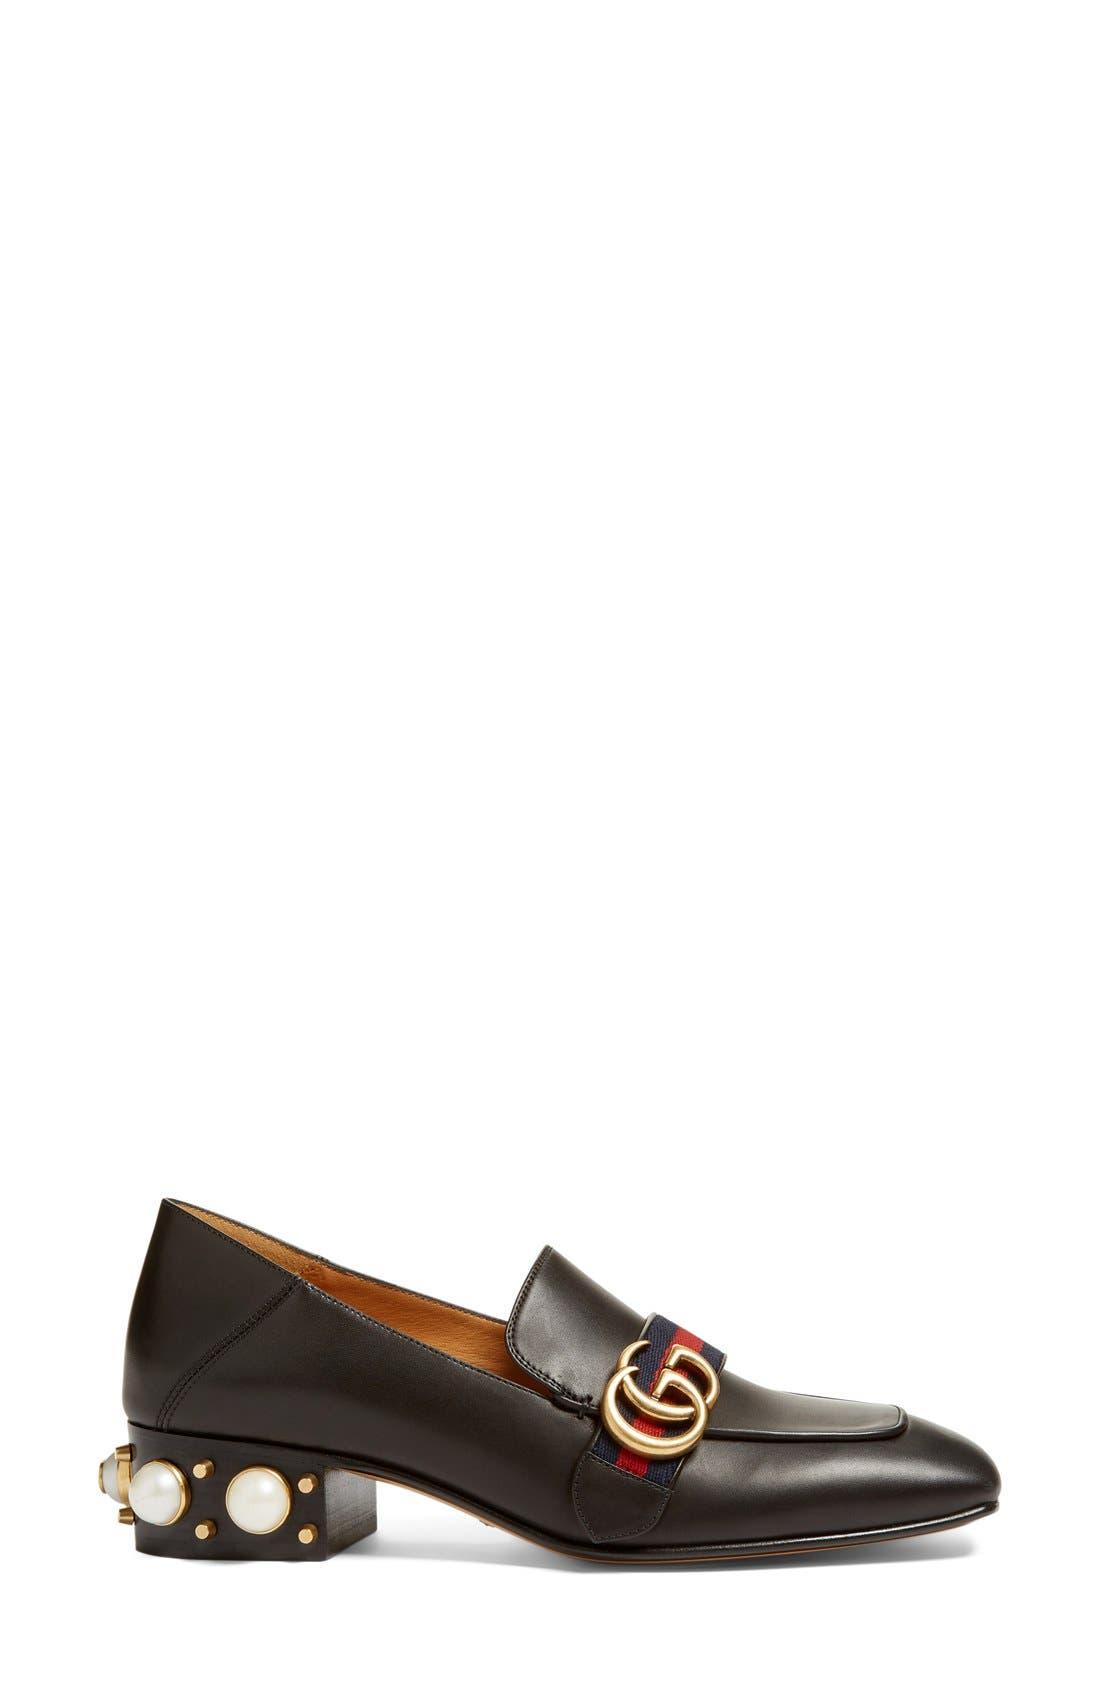 Alternate Image 3  - Gucci Peyton Embellished Heel Loafer (Women)